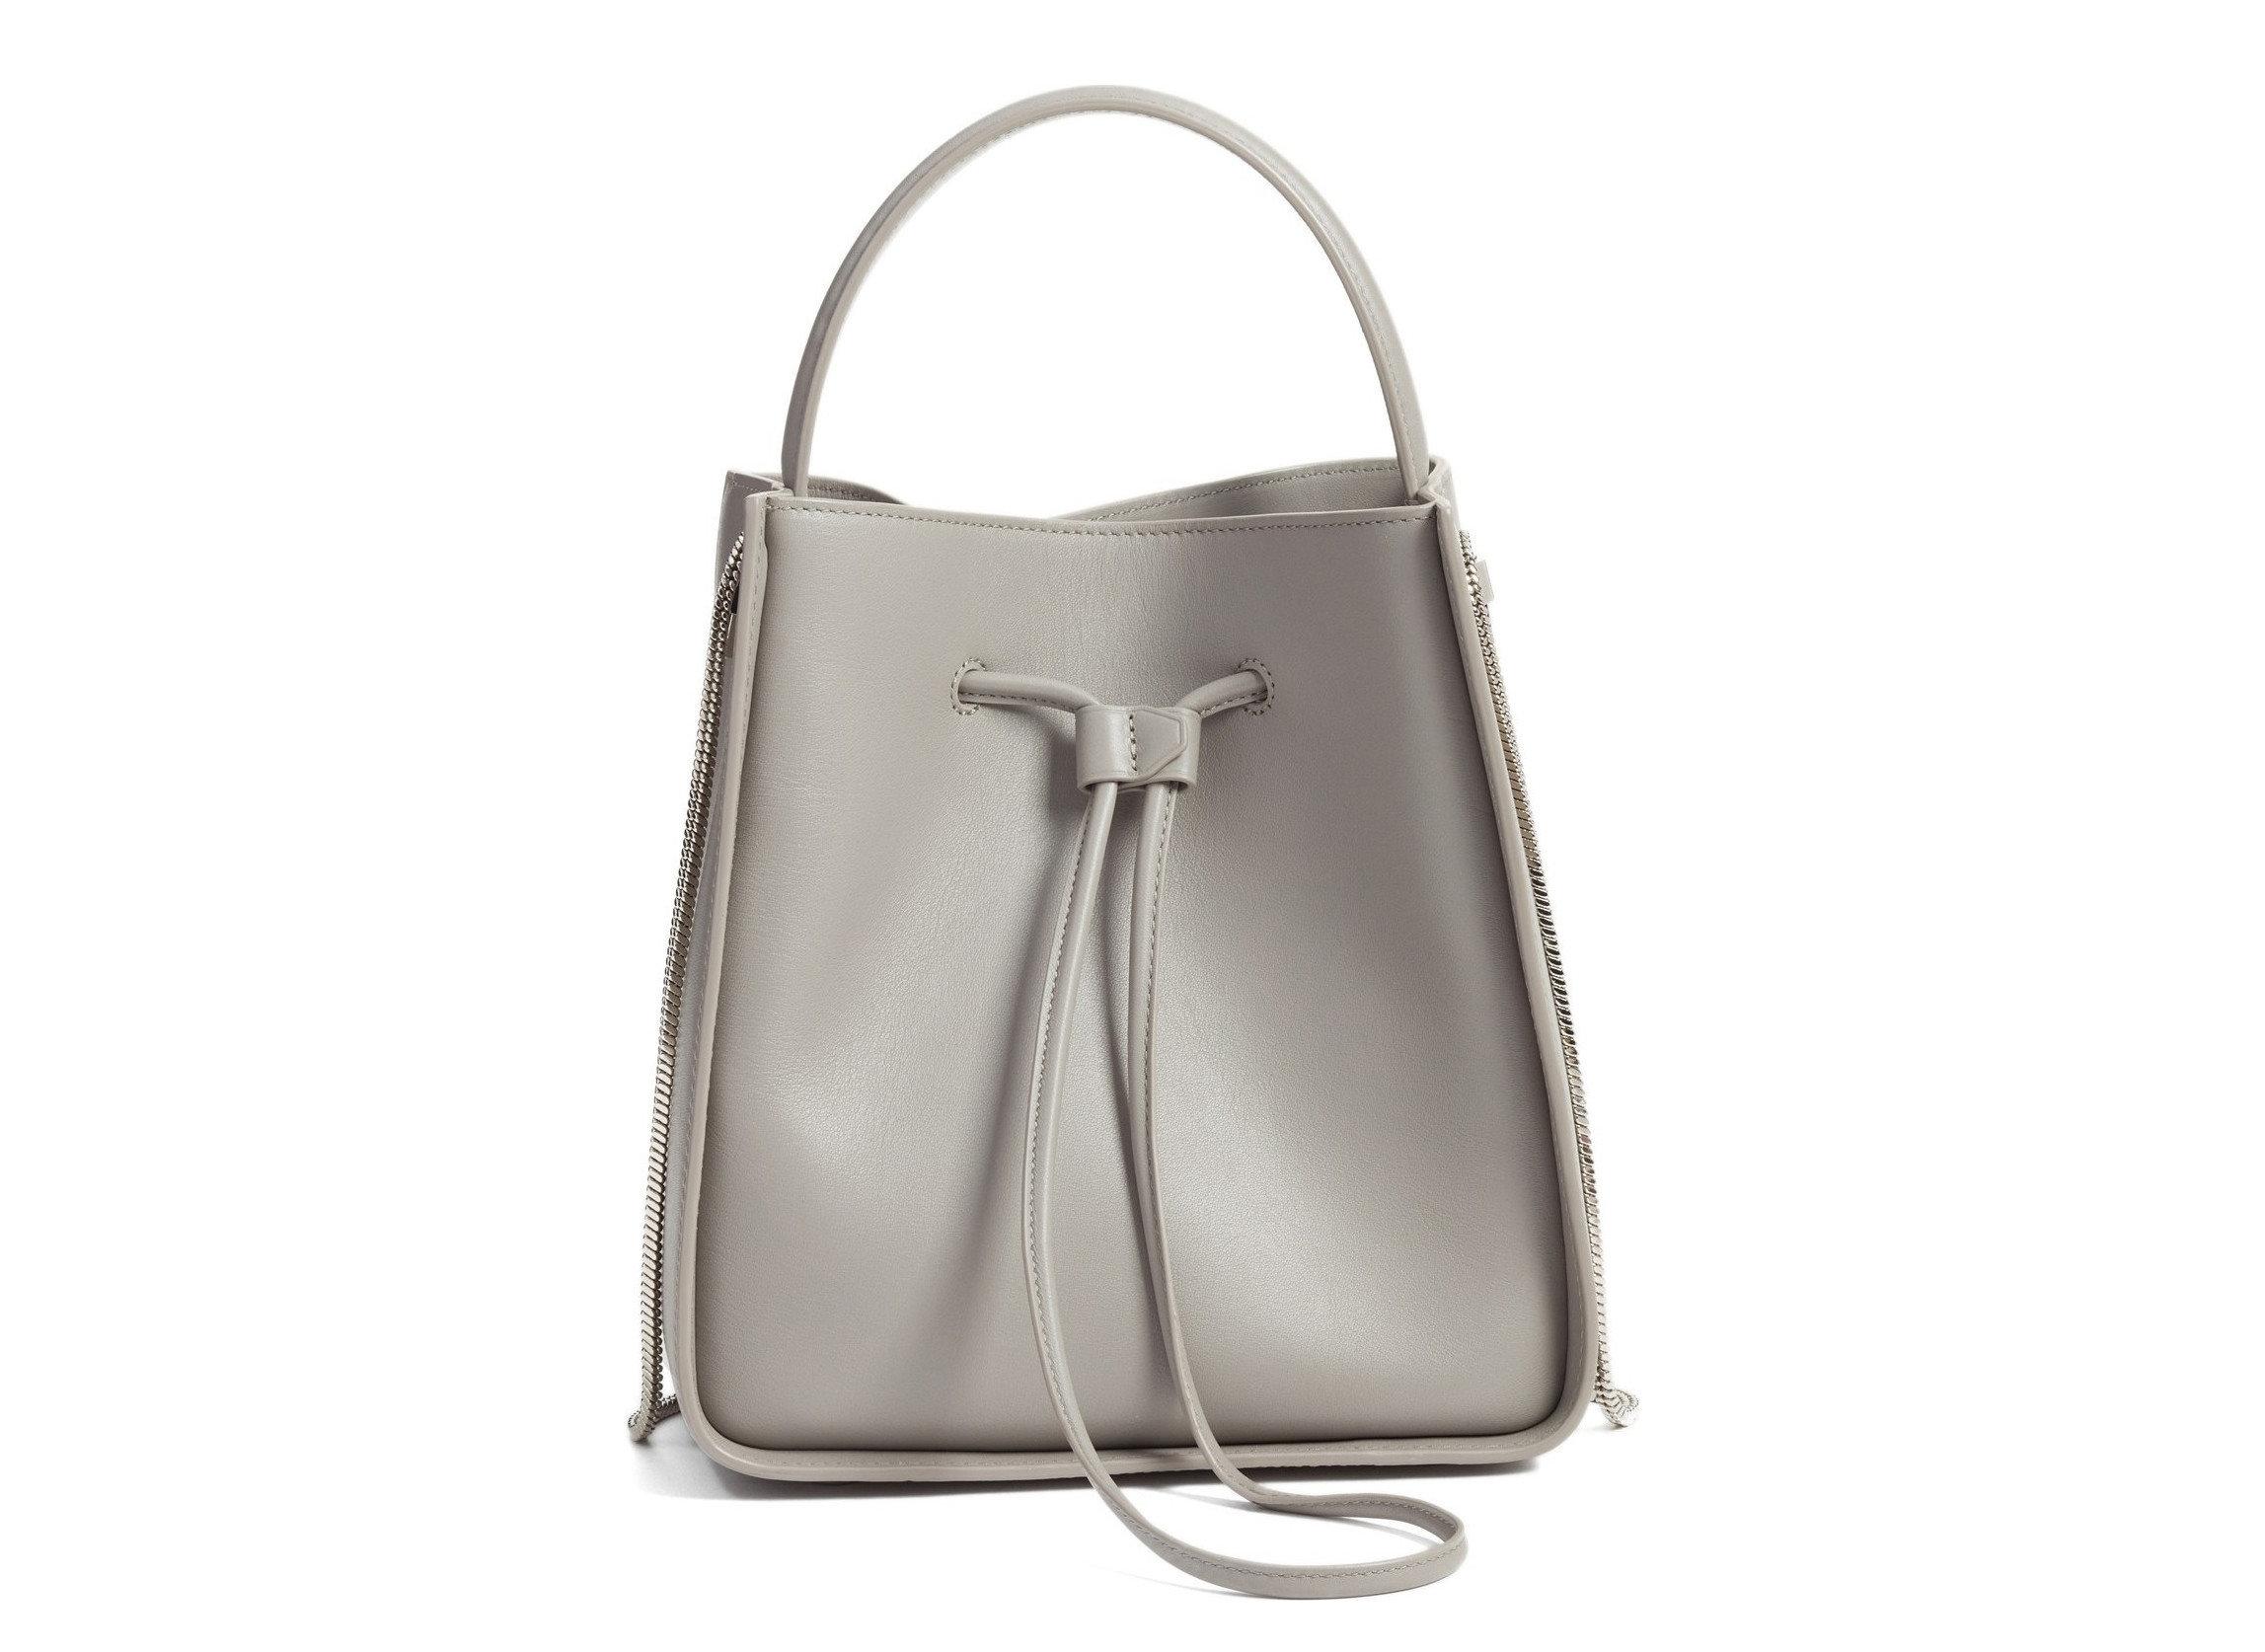 Style + Design Travel Shop white bag handbag indoor shoulder bag fashion accessory leather product product design beige silver metal accessory tote bag brand